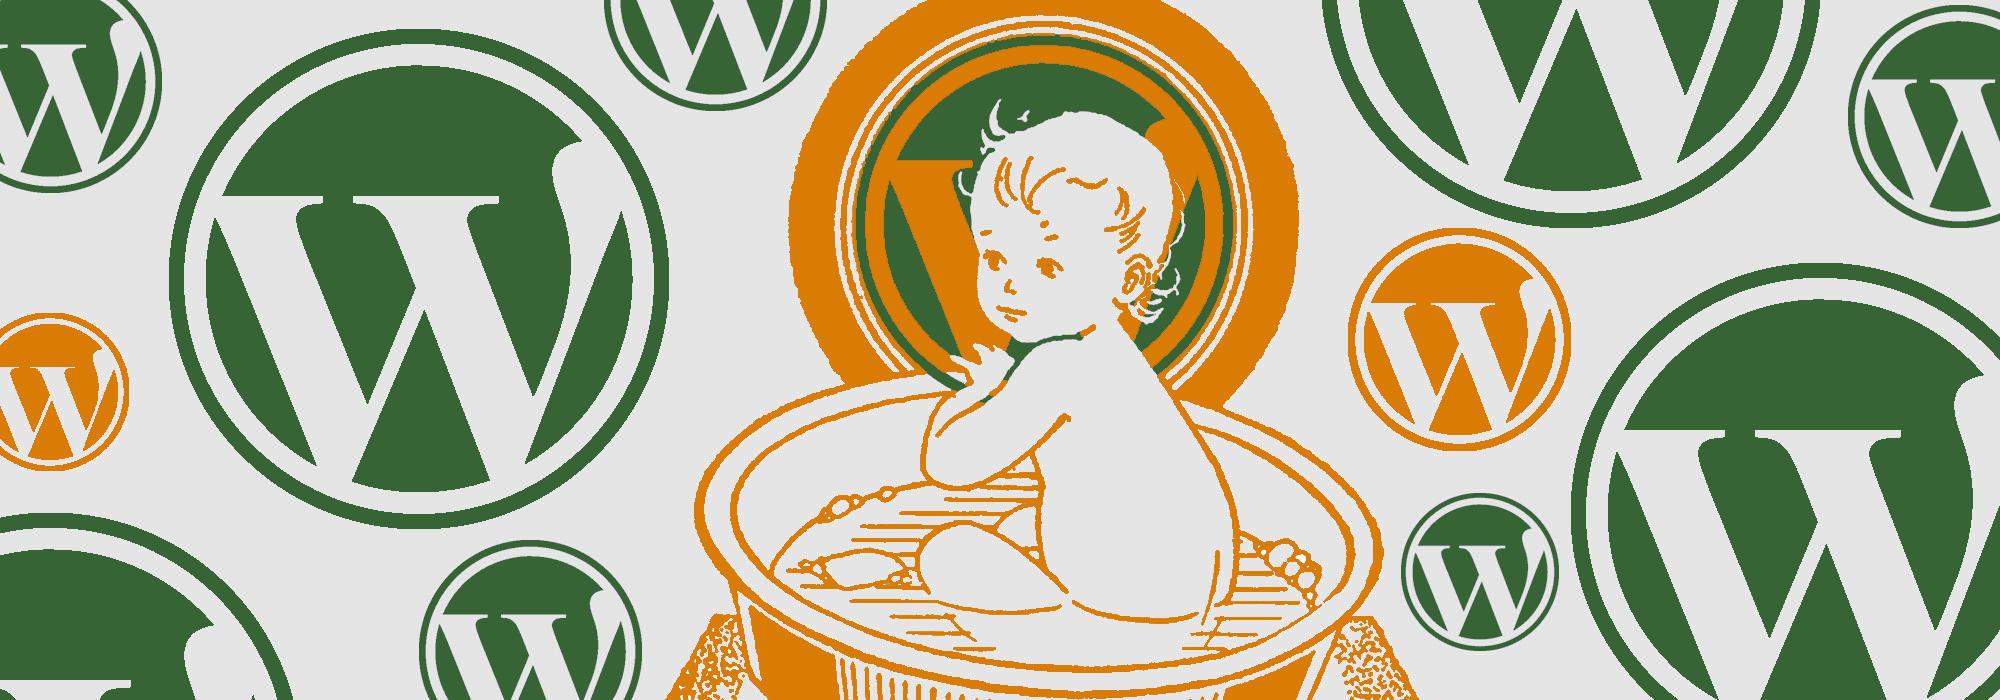 Wordpress CMS kinderleicht zu bedienen